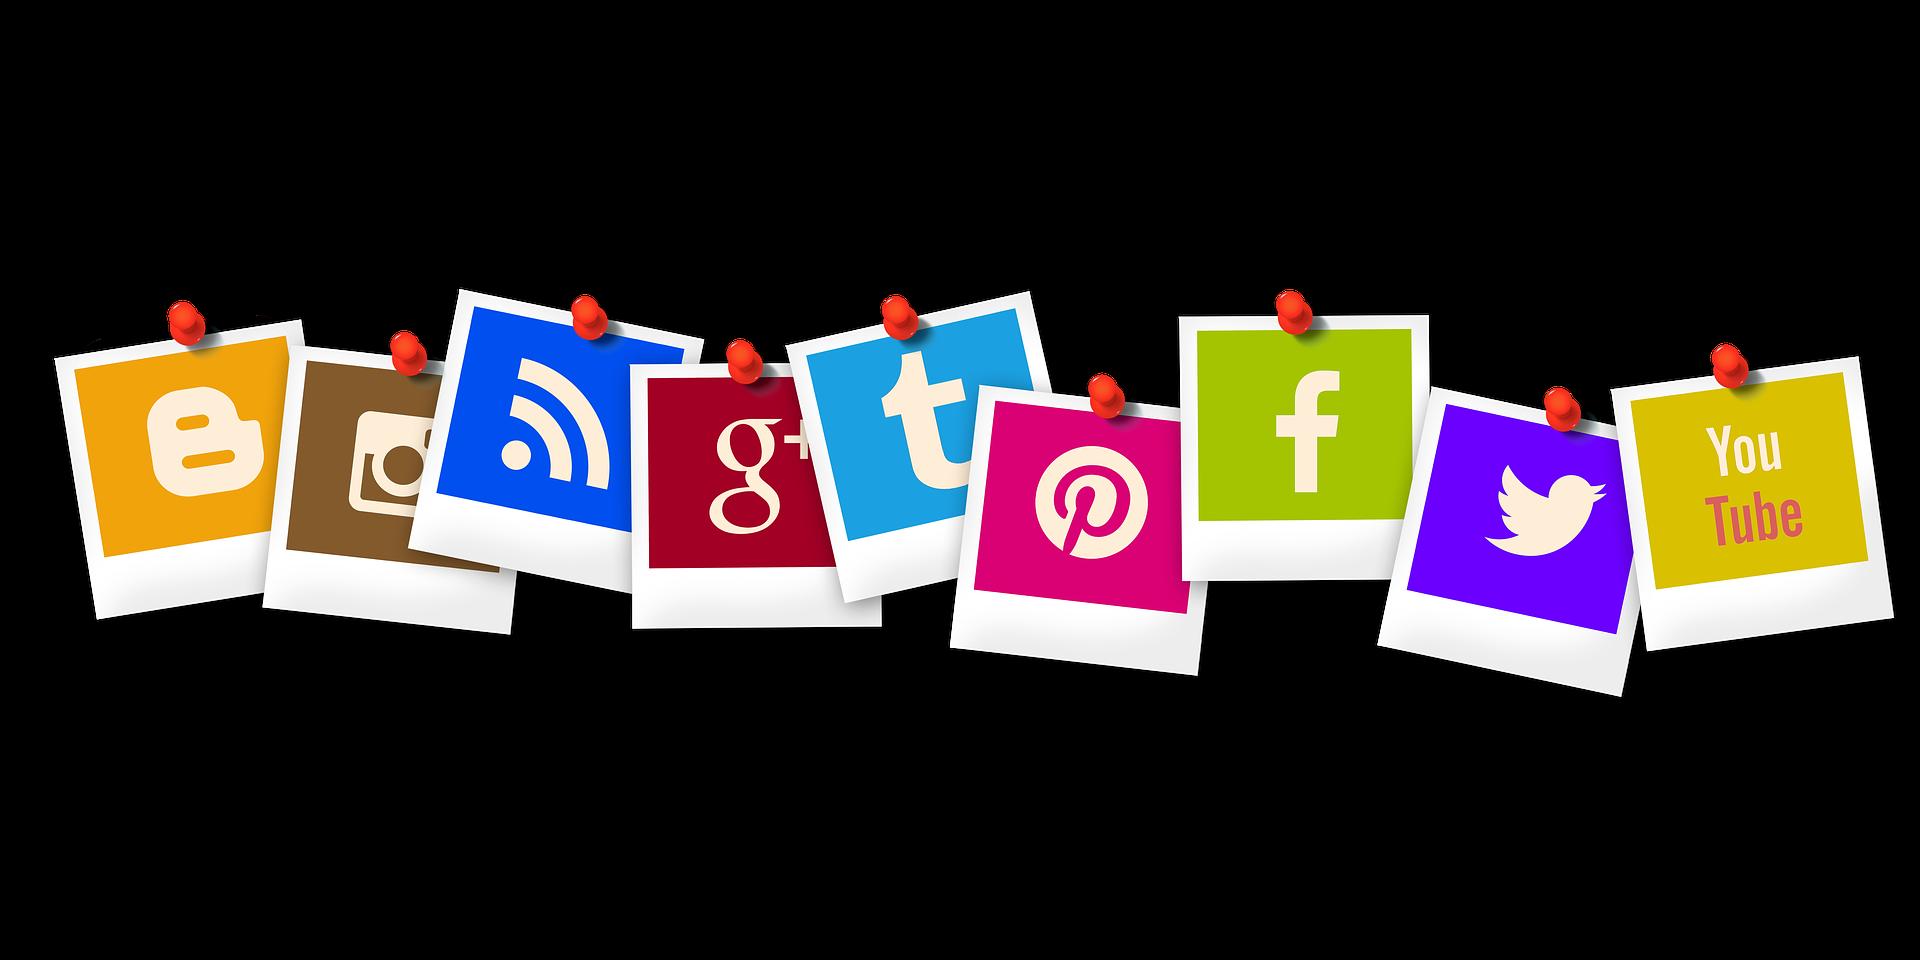 Quina importància té una bona imatge a les xarxes socials per a la teva empresa?